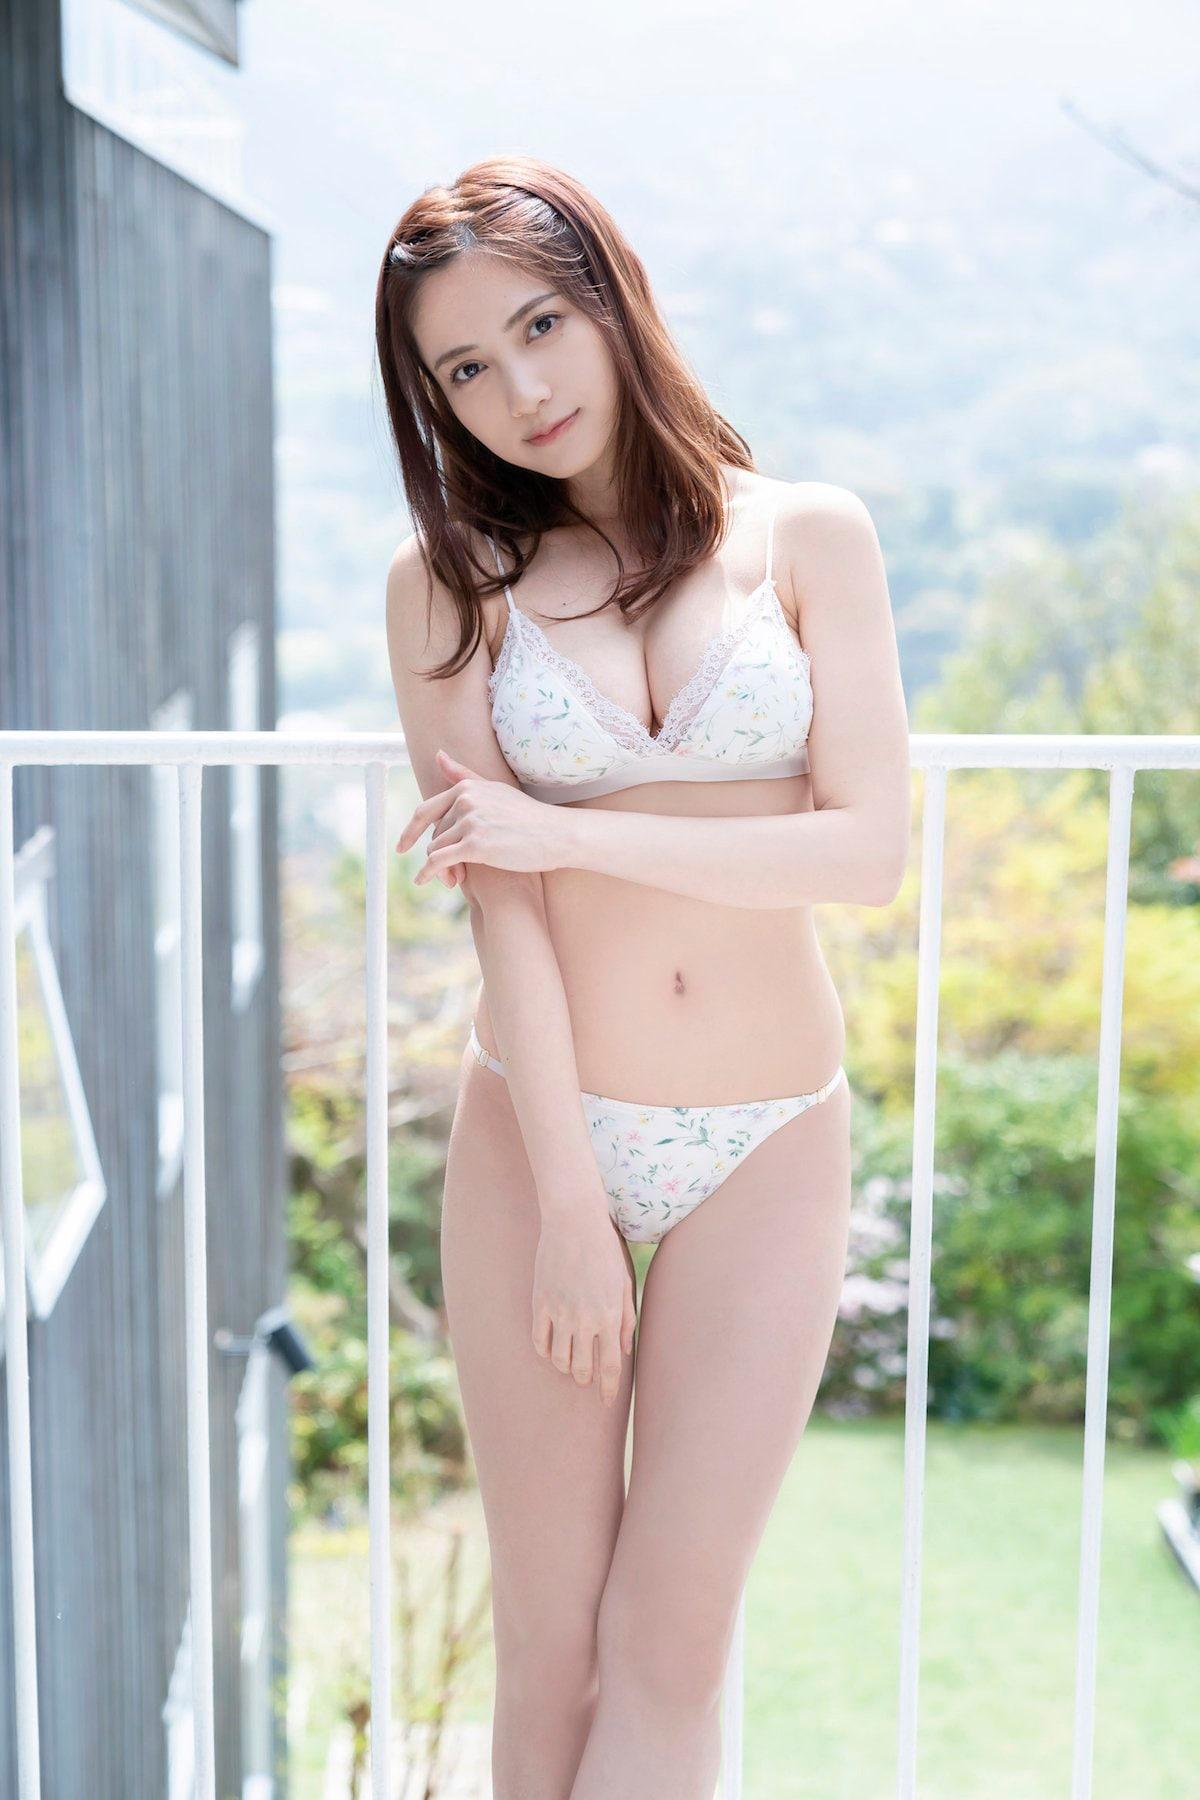 桃月なしこ「透き通る美肌」『週刊ヤングマガジン』のアザーカットを大公開!【画像5枚】の画像002